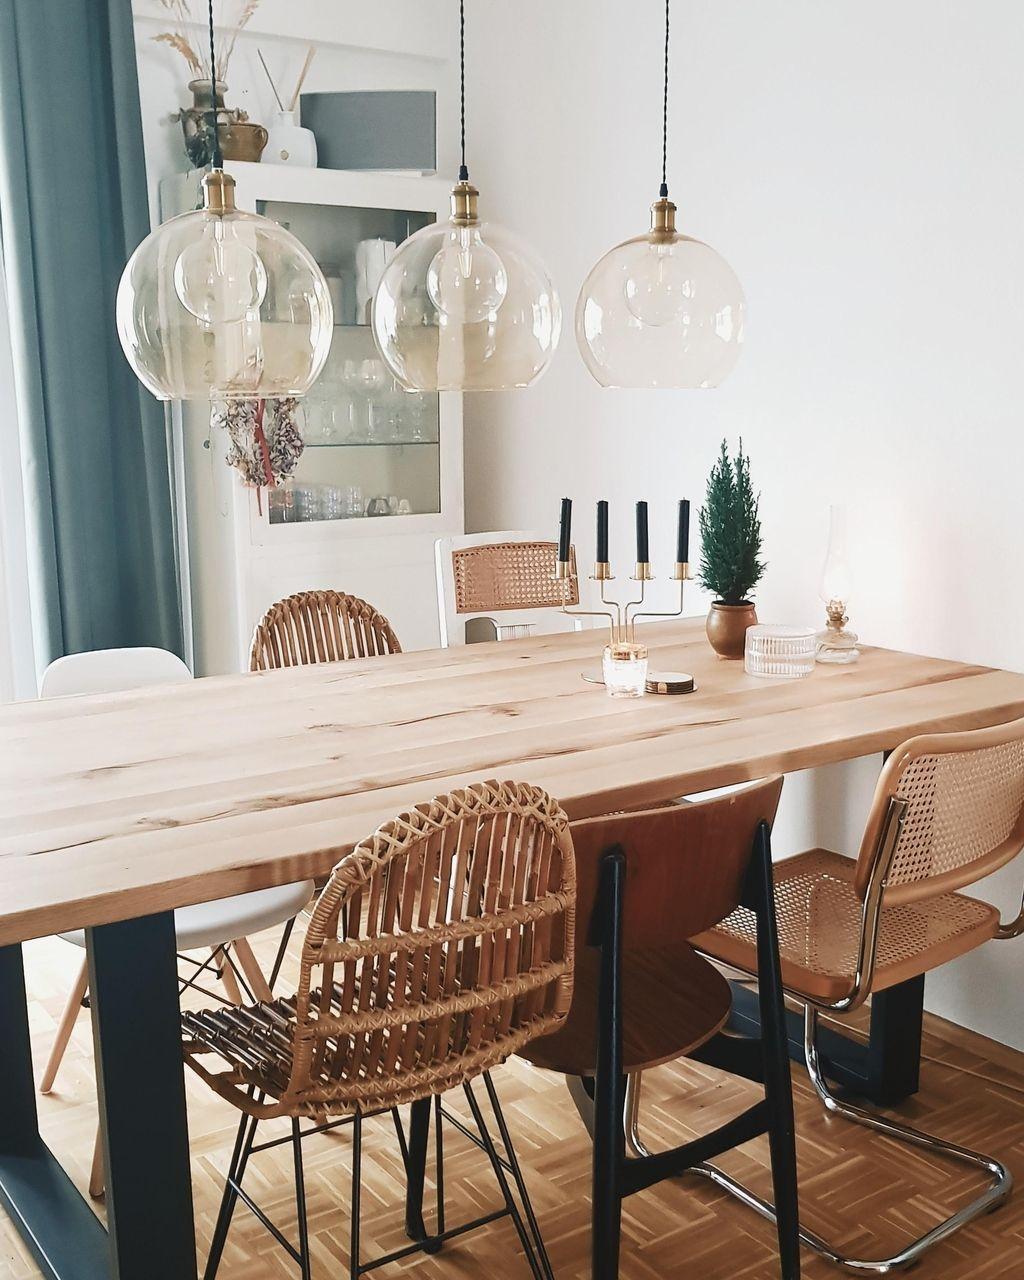 Das Esszimmer von c.arotter ist ein echter Hingucker! Der große Holztisch ist wie gemacht für eine Dinnerparty mit den Liebsten. #esszimmer #esstisch #COUCHstyle